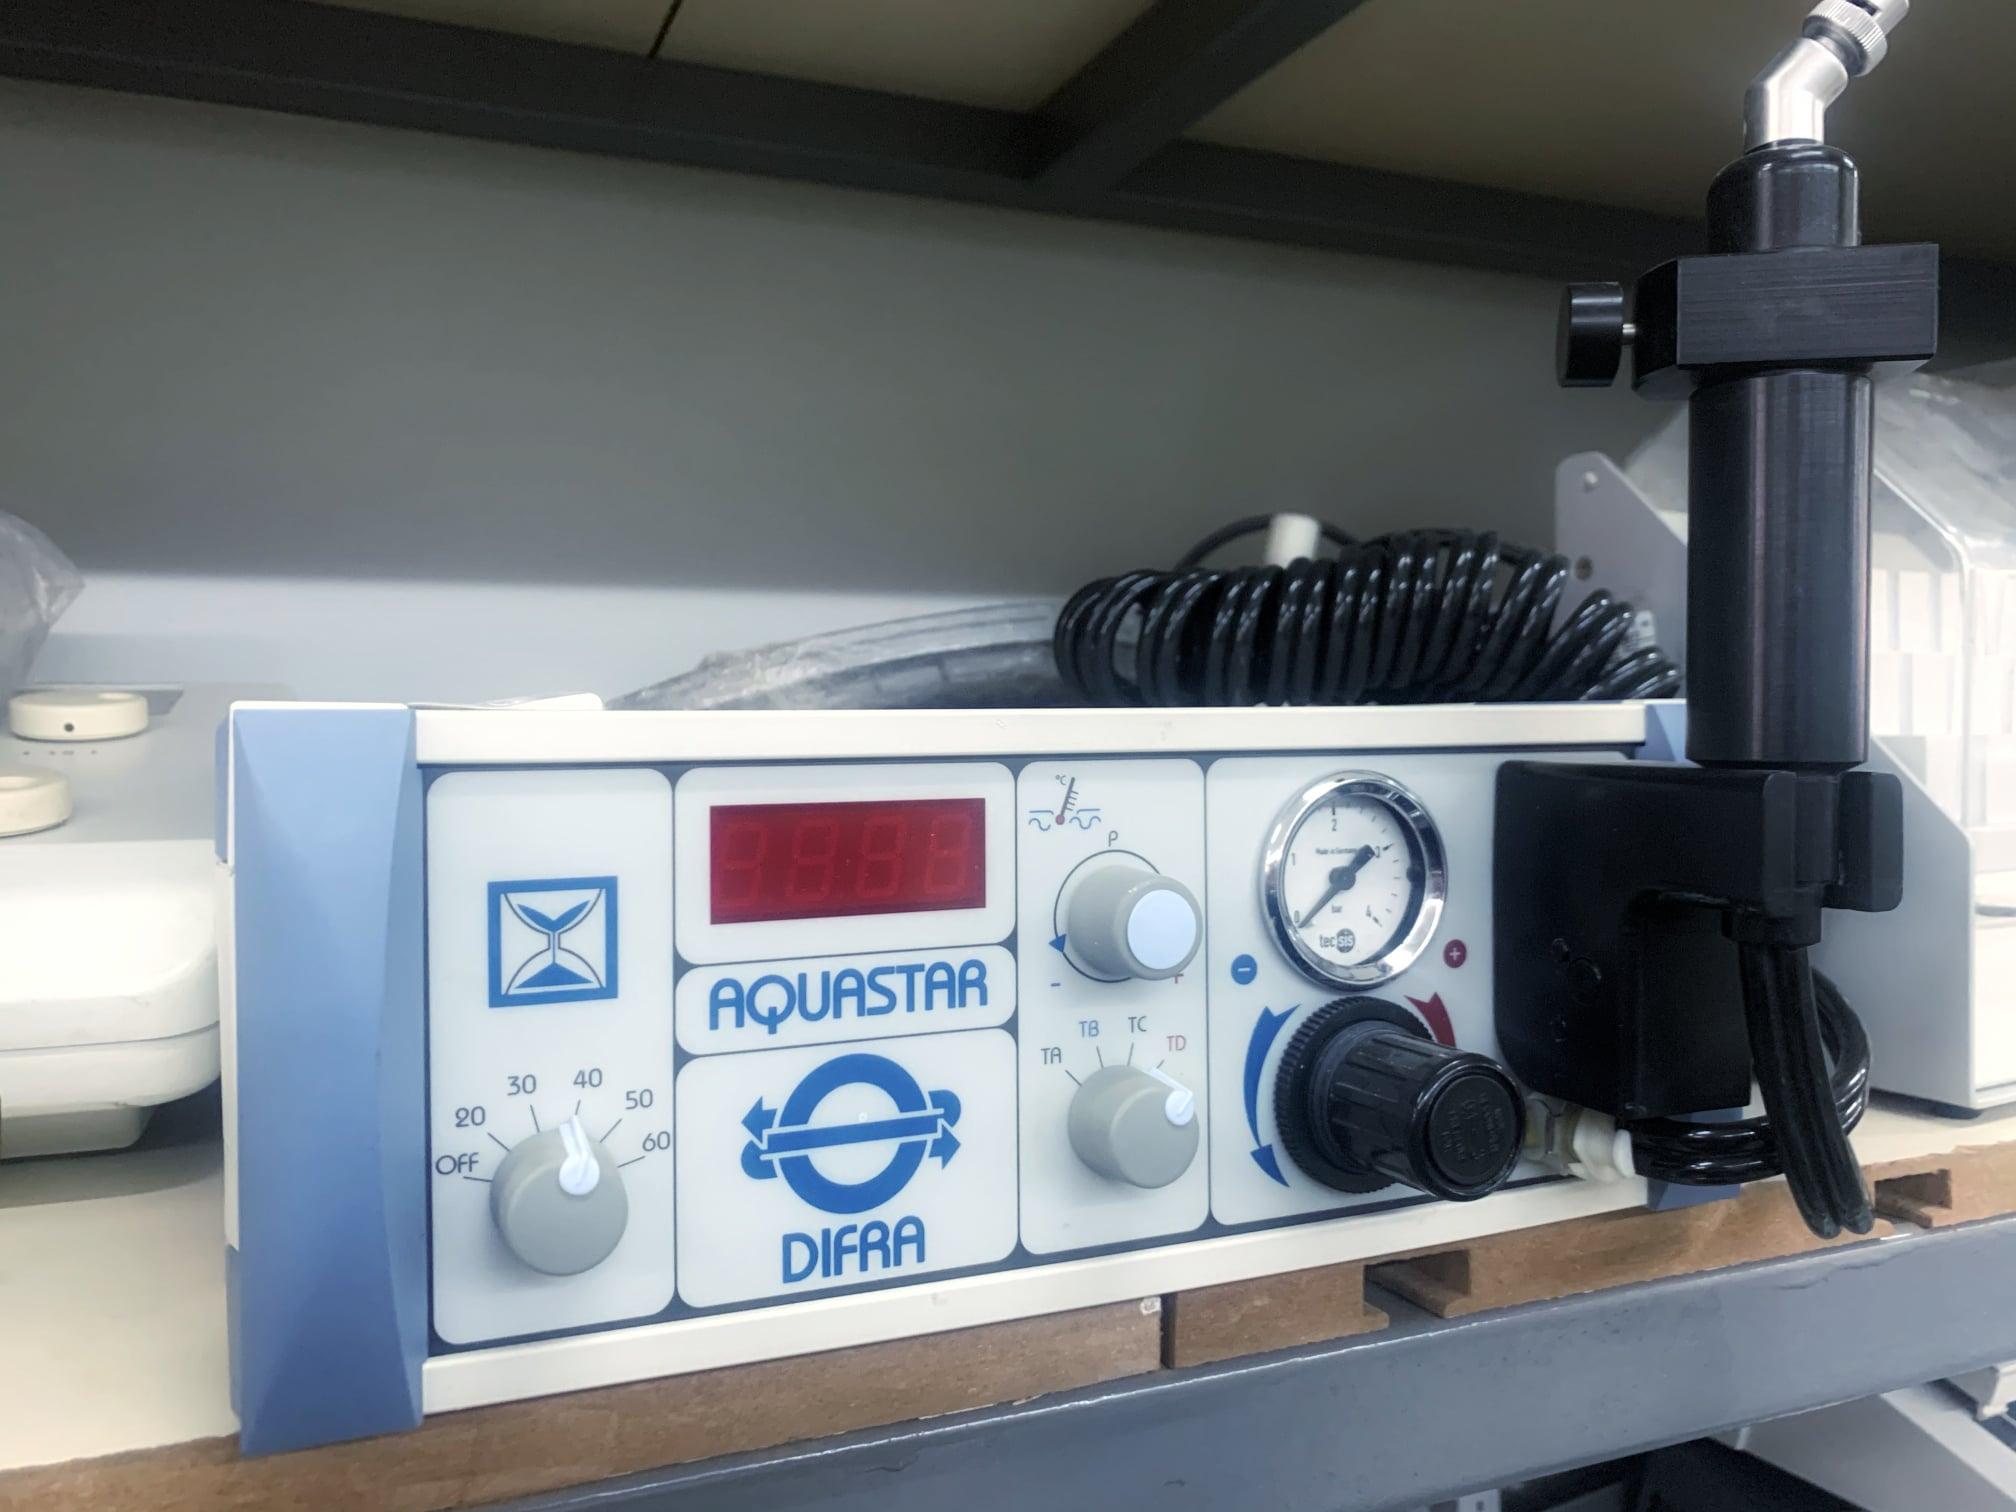 Aquastar Difra Kalorimetre